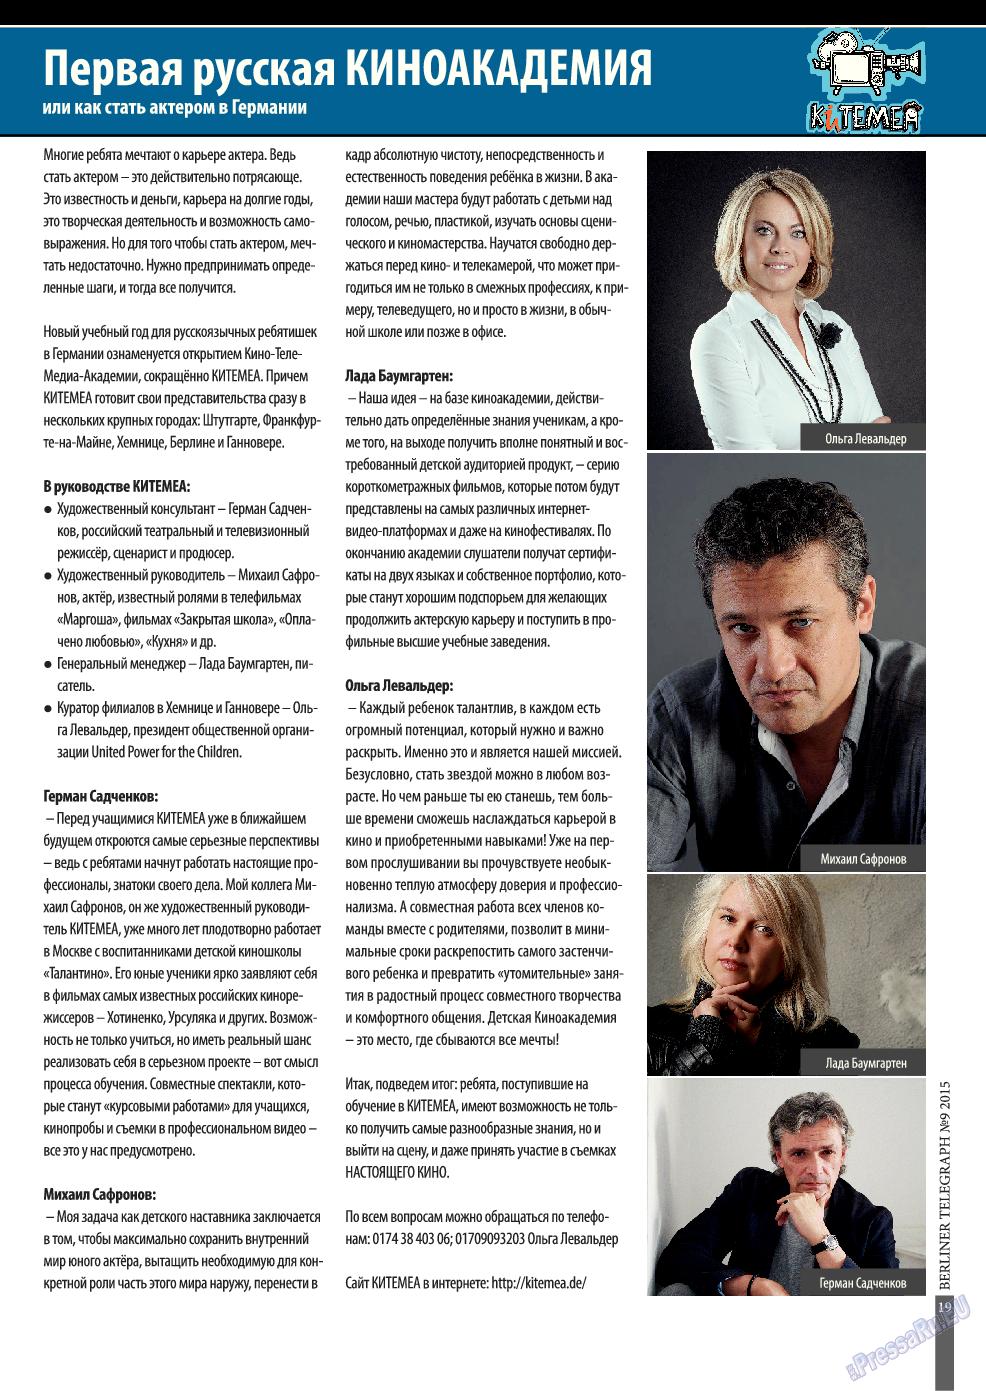 Берлинский телеграф (журнал). 2015 год, номер 9, стр. 19